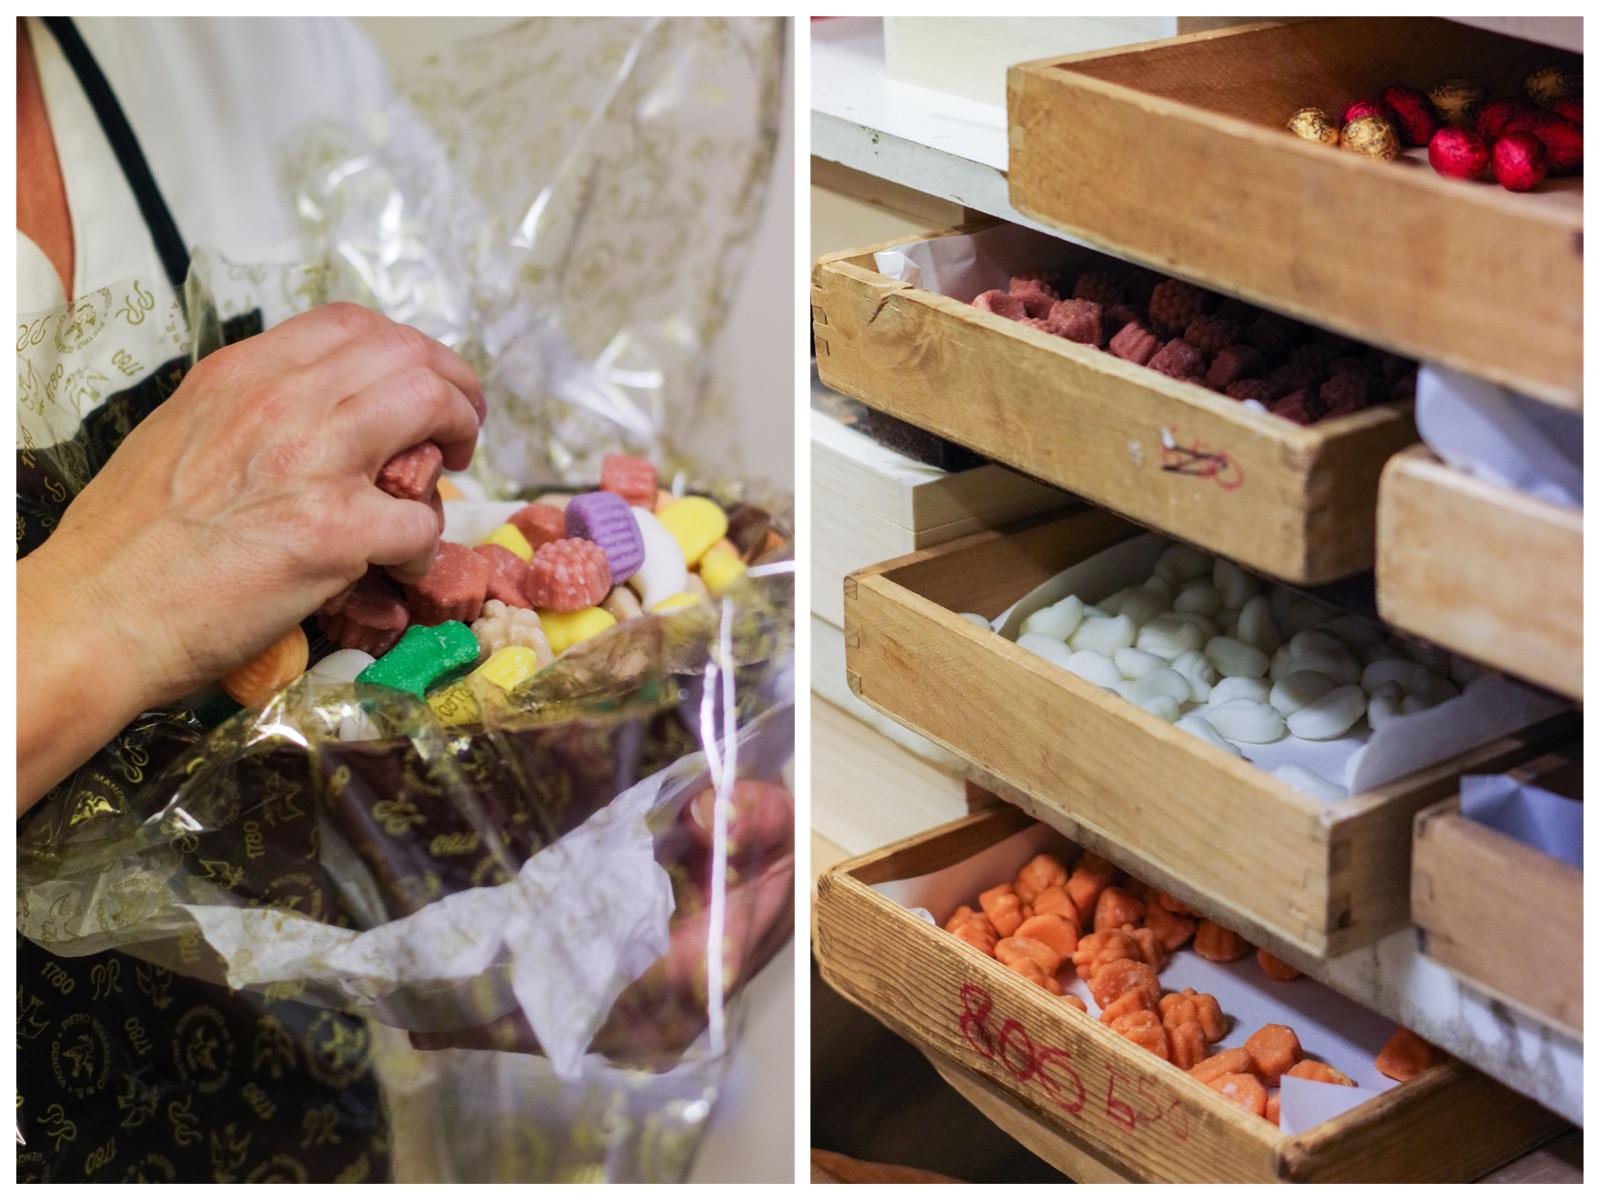 Pasqua da Romanengo: la riempitura delle uova di Pasqua con gli zuccherini _ asmallkitcheningenoa